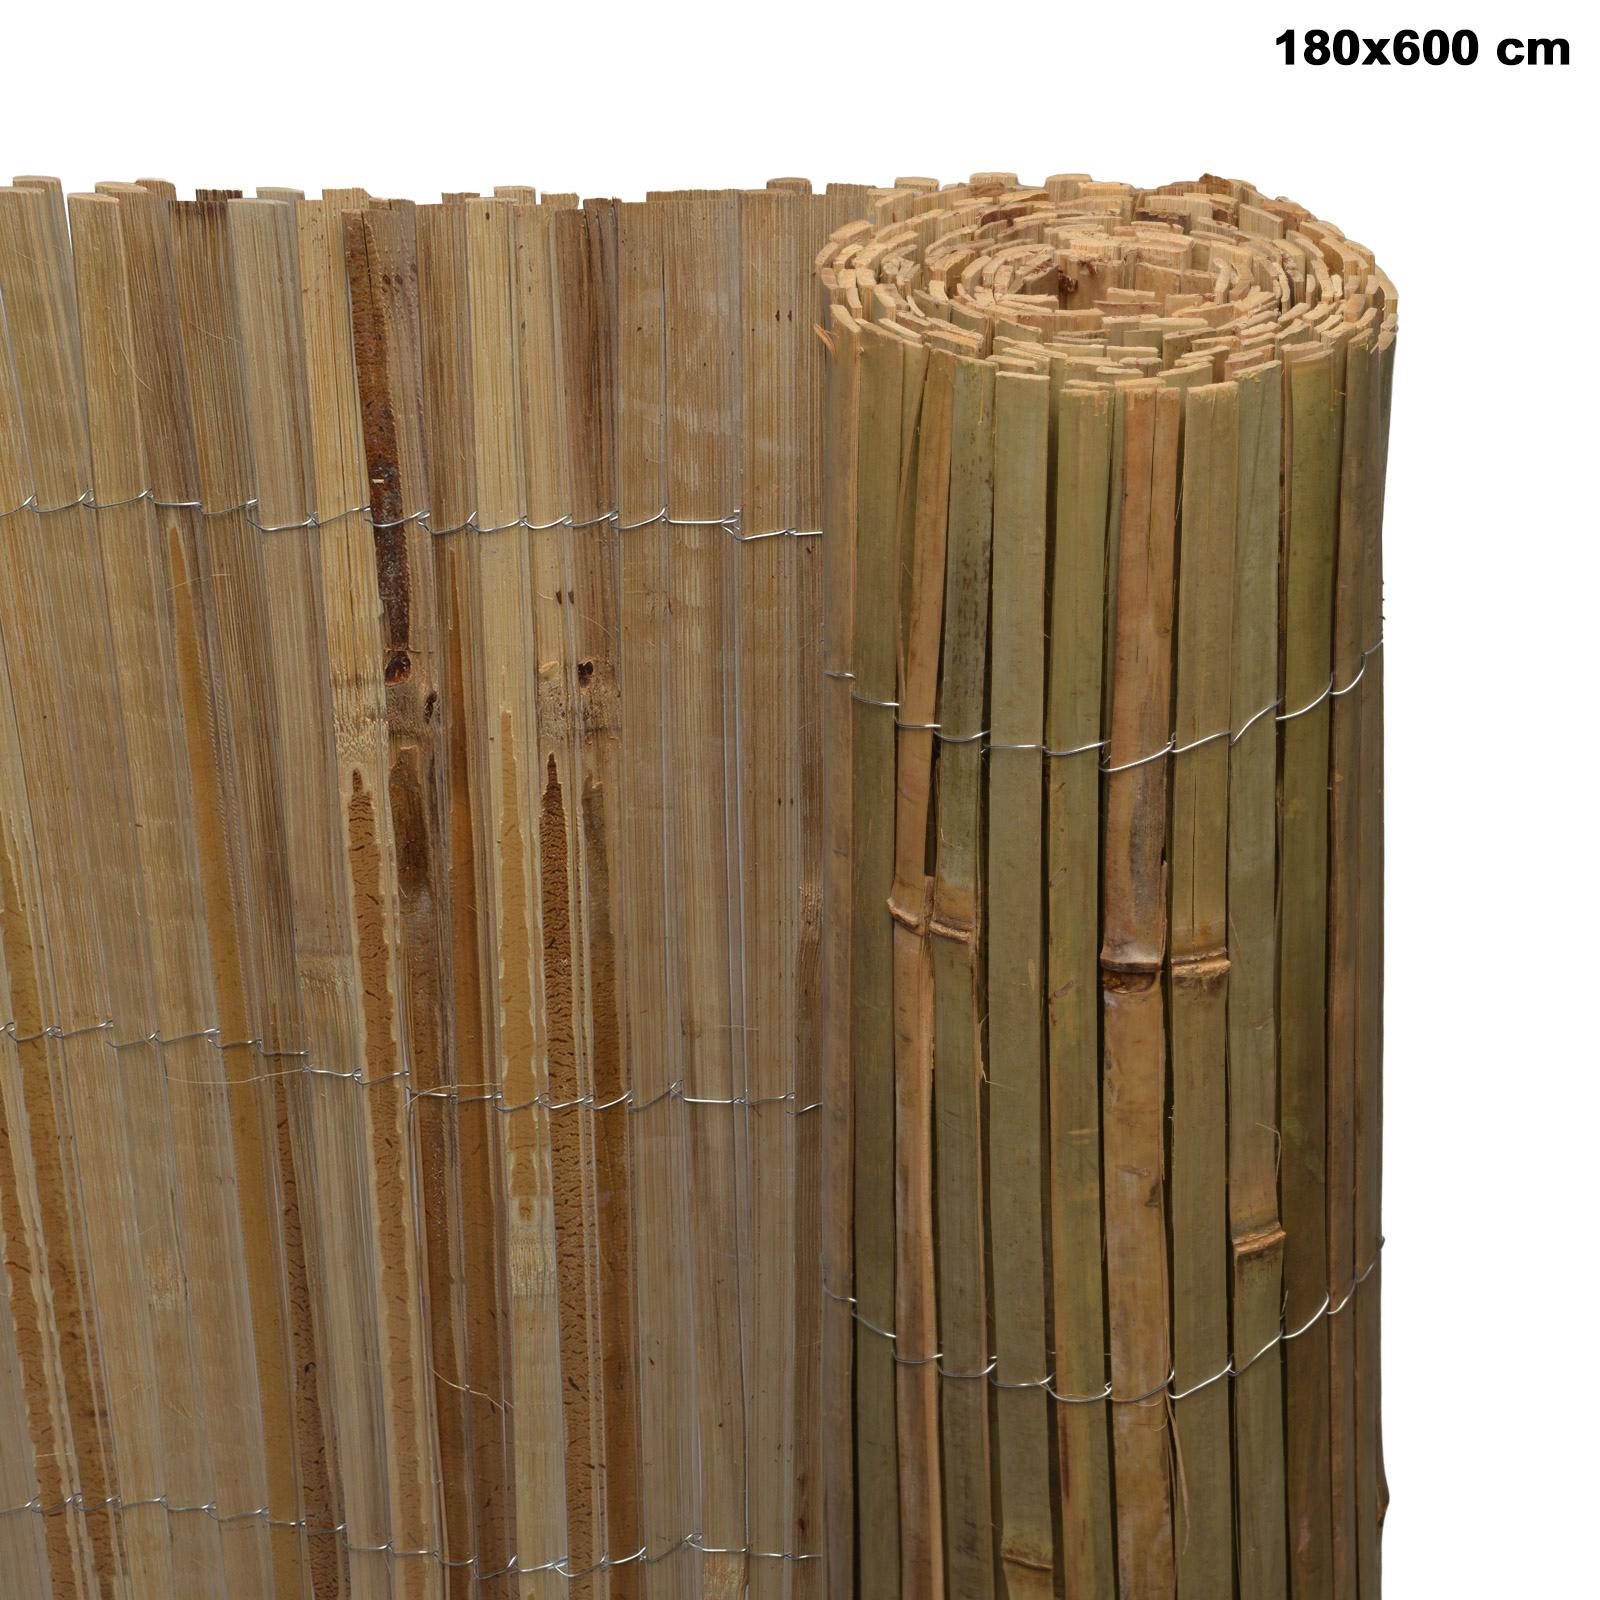 Sichtschutz Bambus Sichtschutzzaun Sichtschutzmatte Balkon